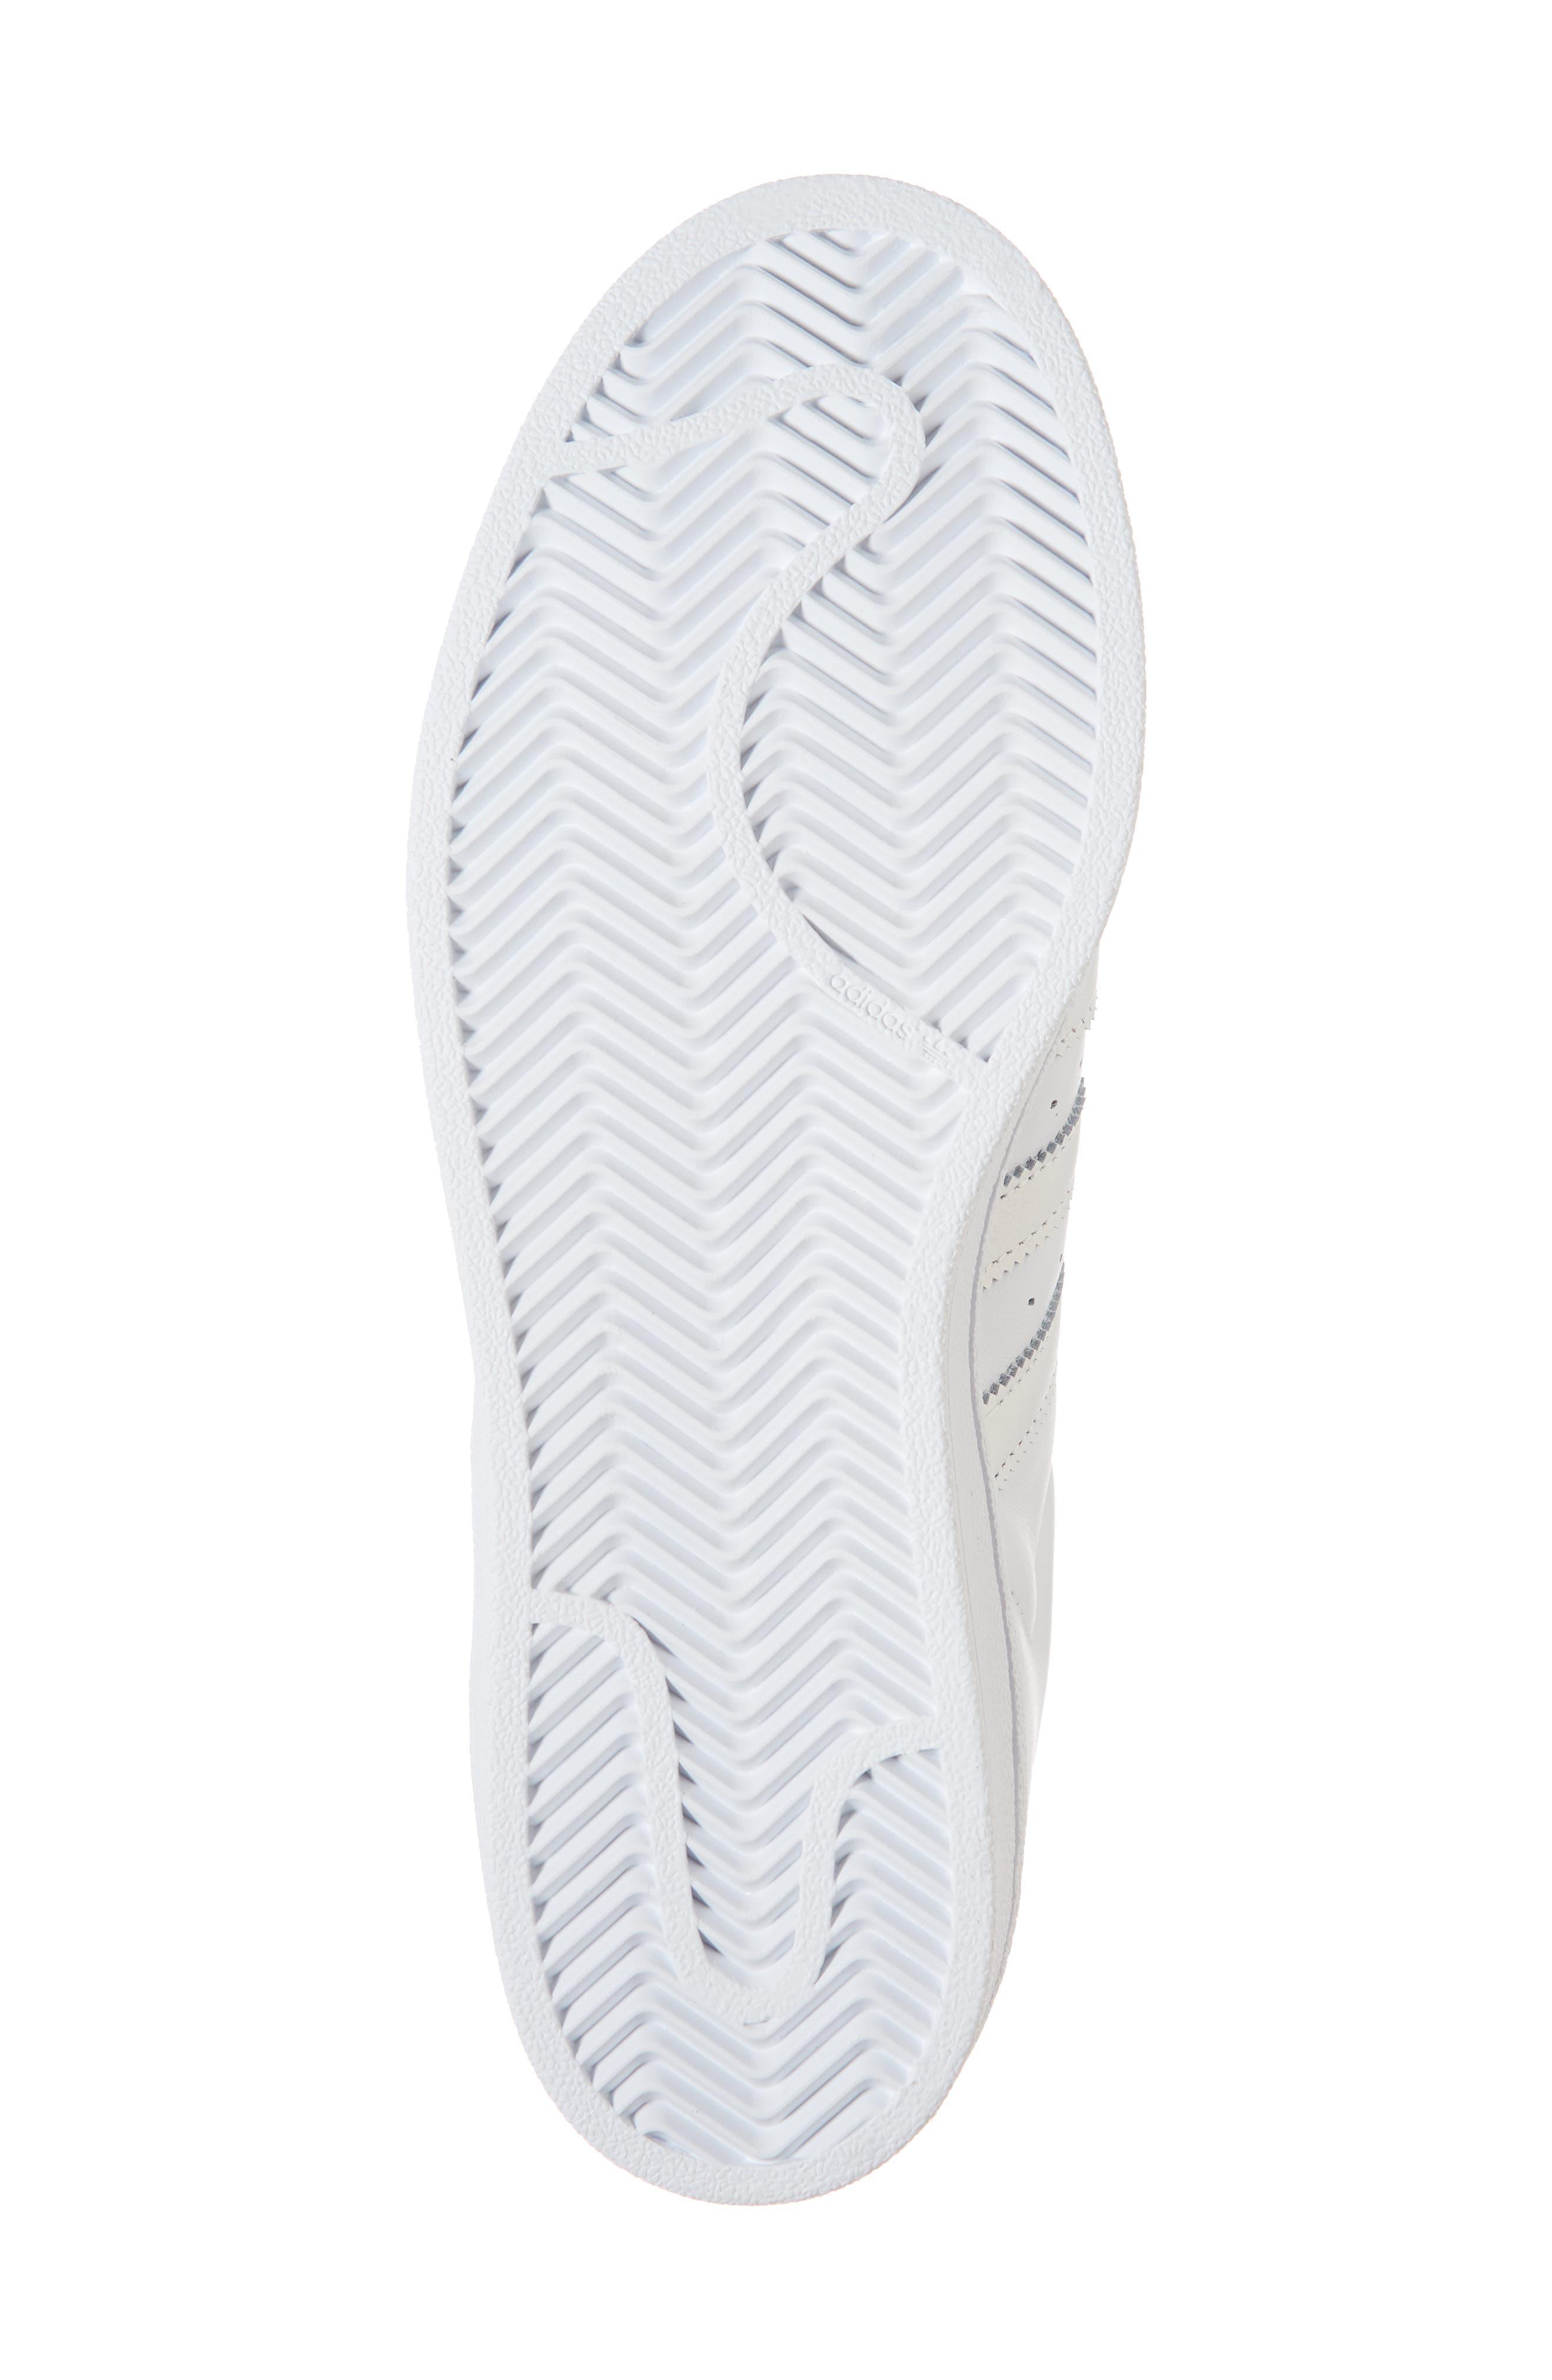 Superstar Sneaker,                             Alternate thumbnail 3, color,                             White/ White/ Grey One